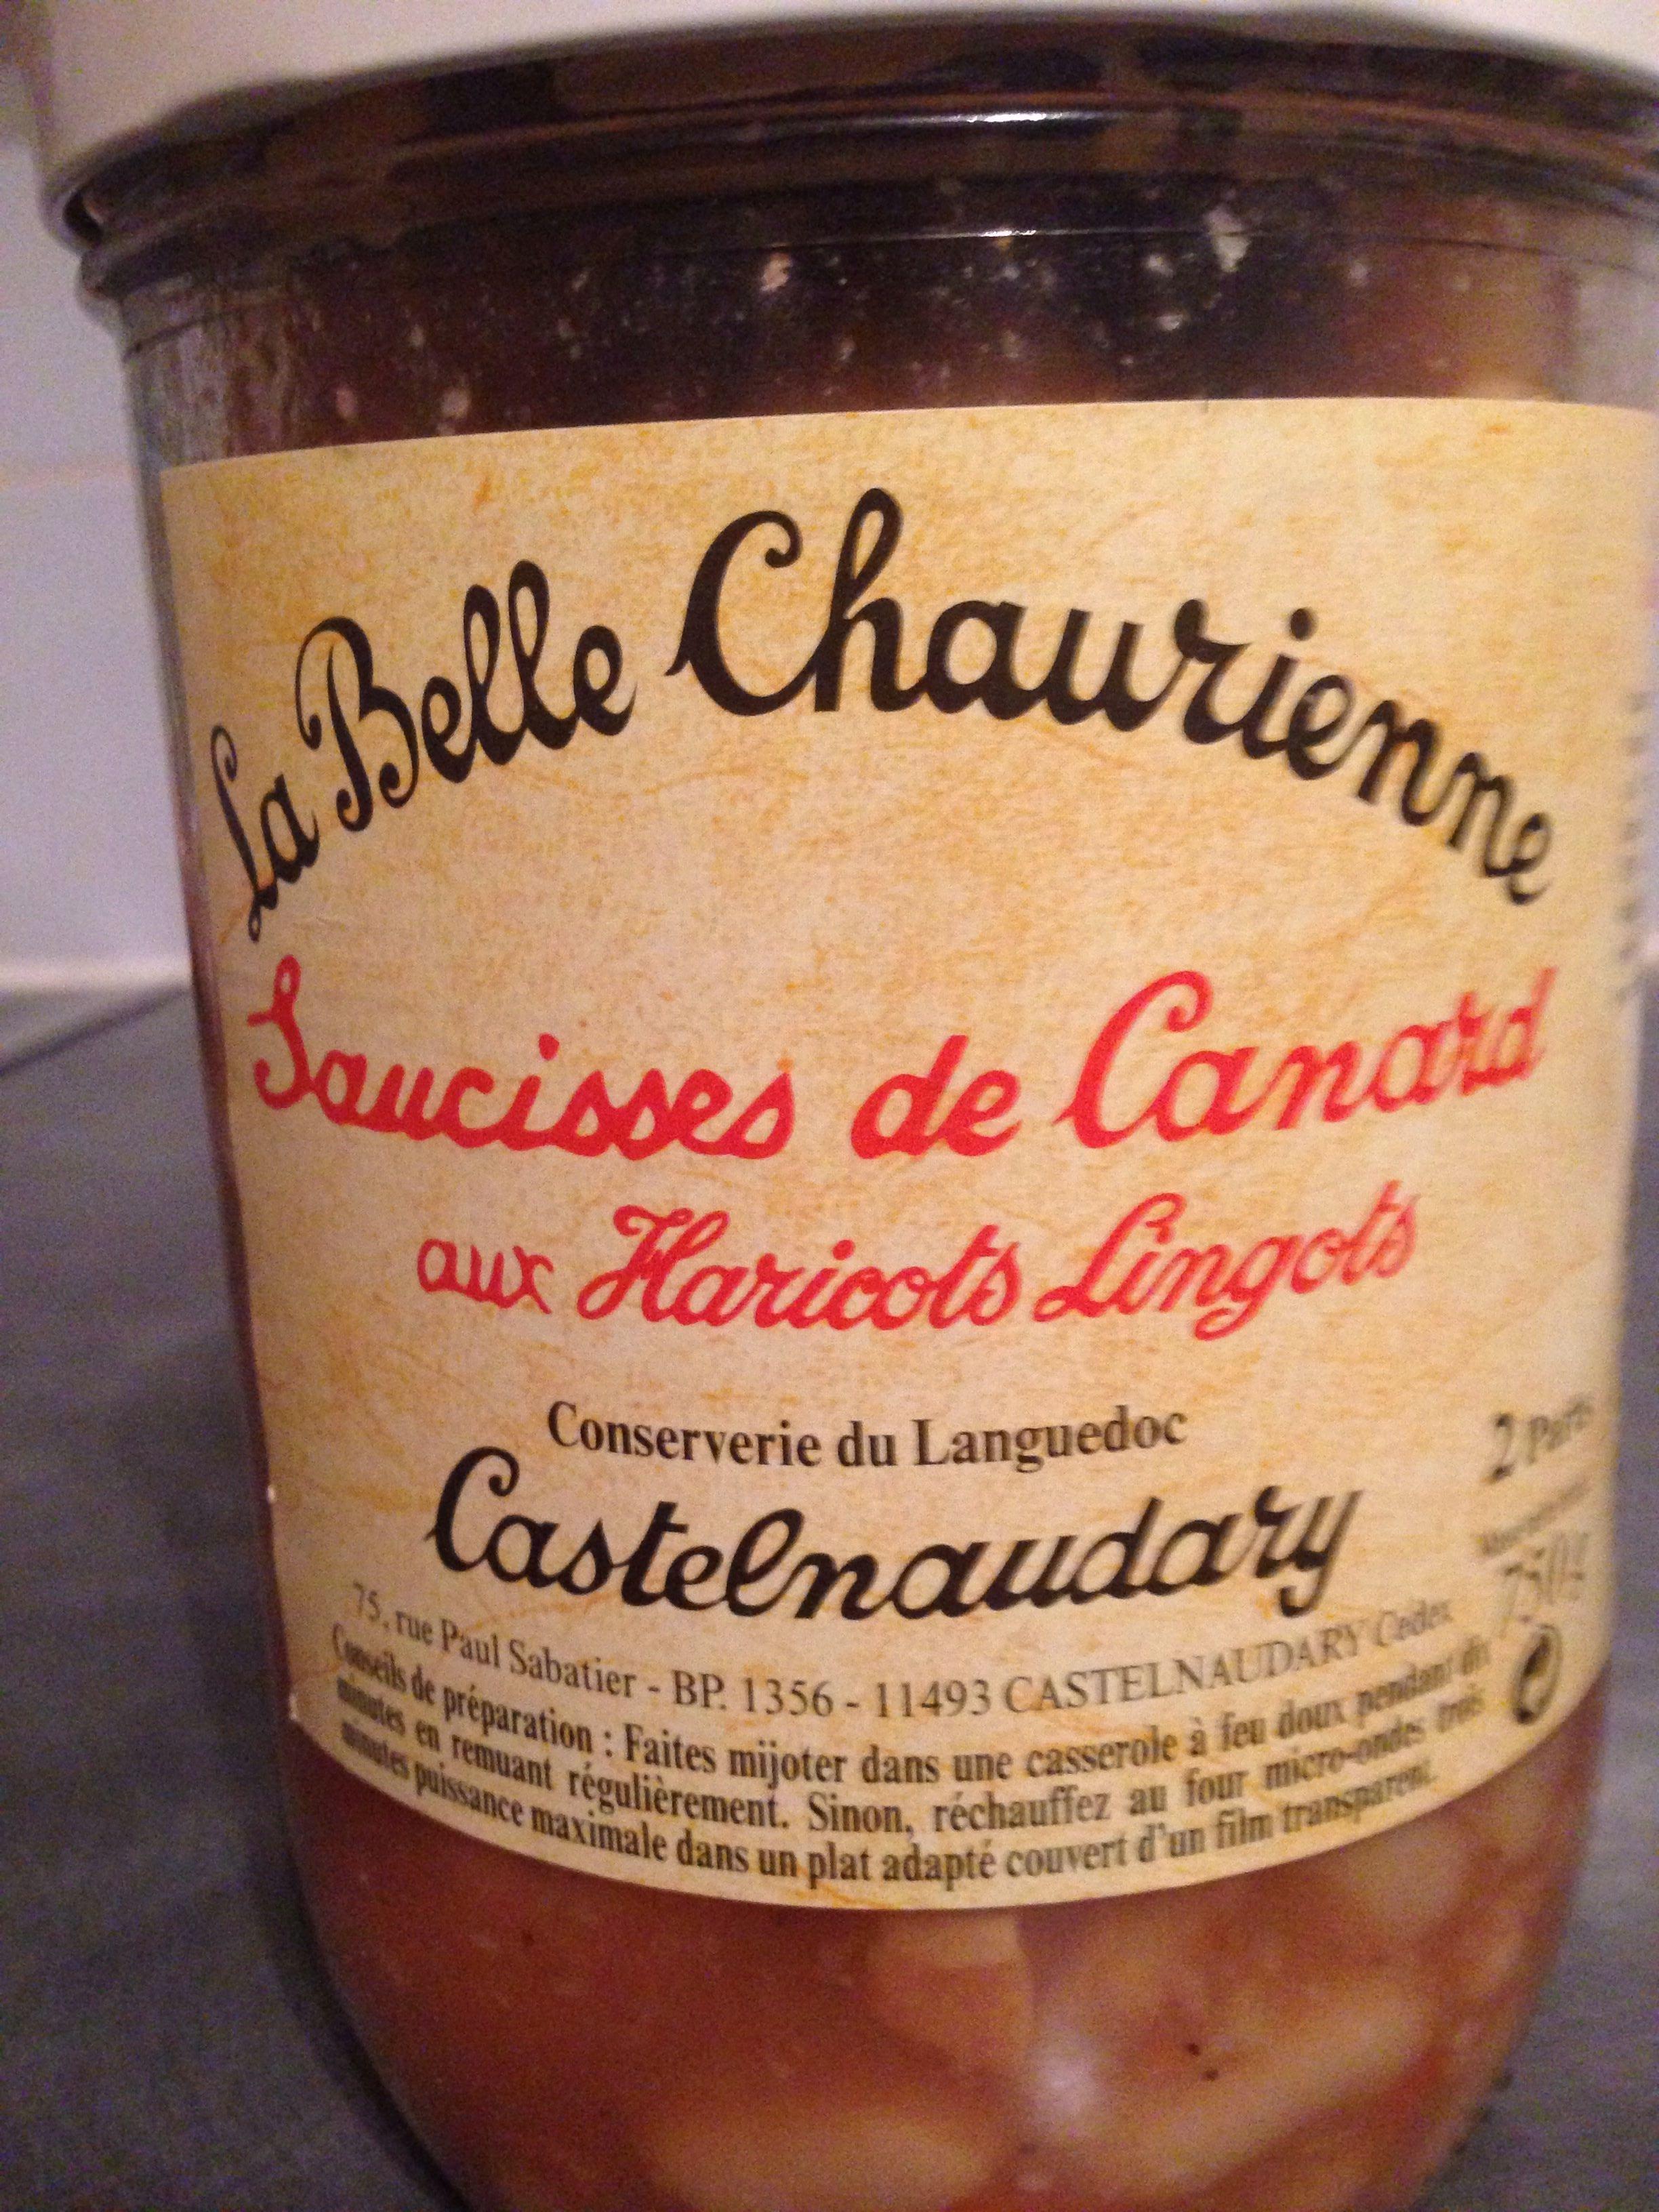 Saucisses de Canard aux Haricots Lingots - Castelnaudary - Product